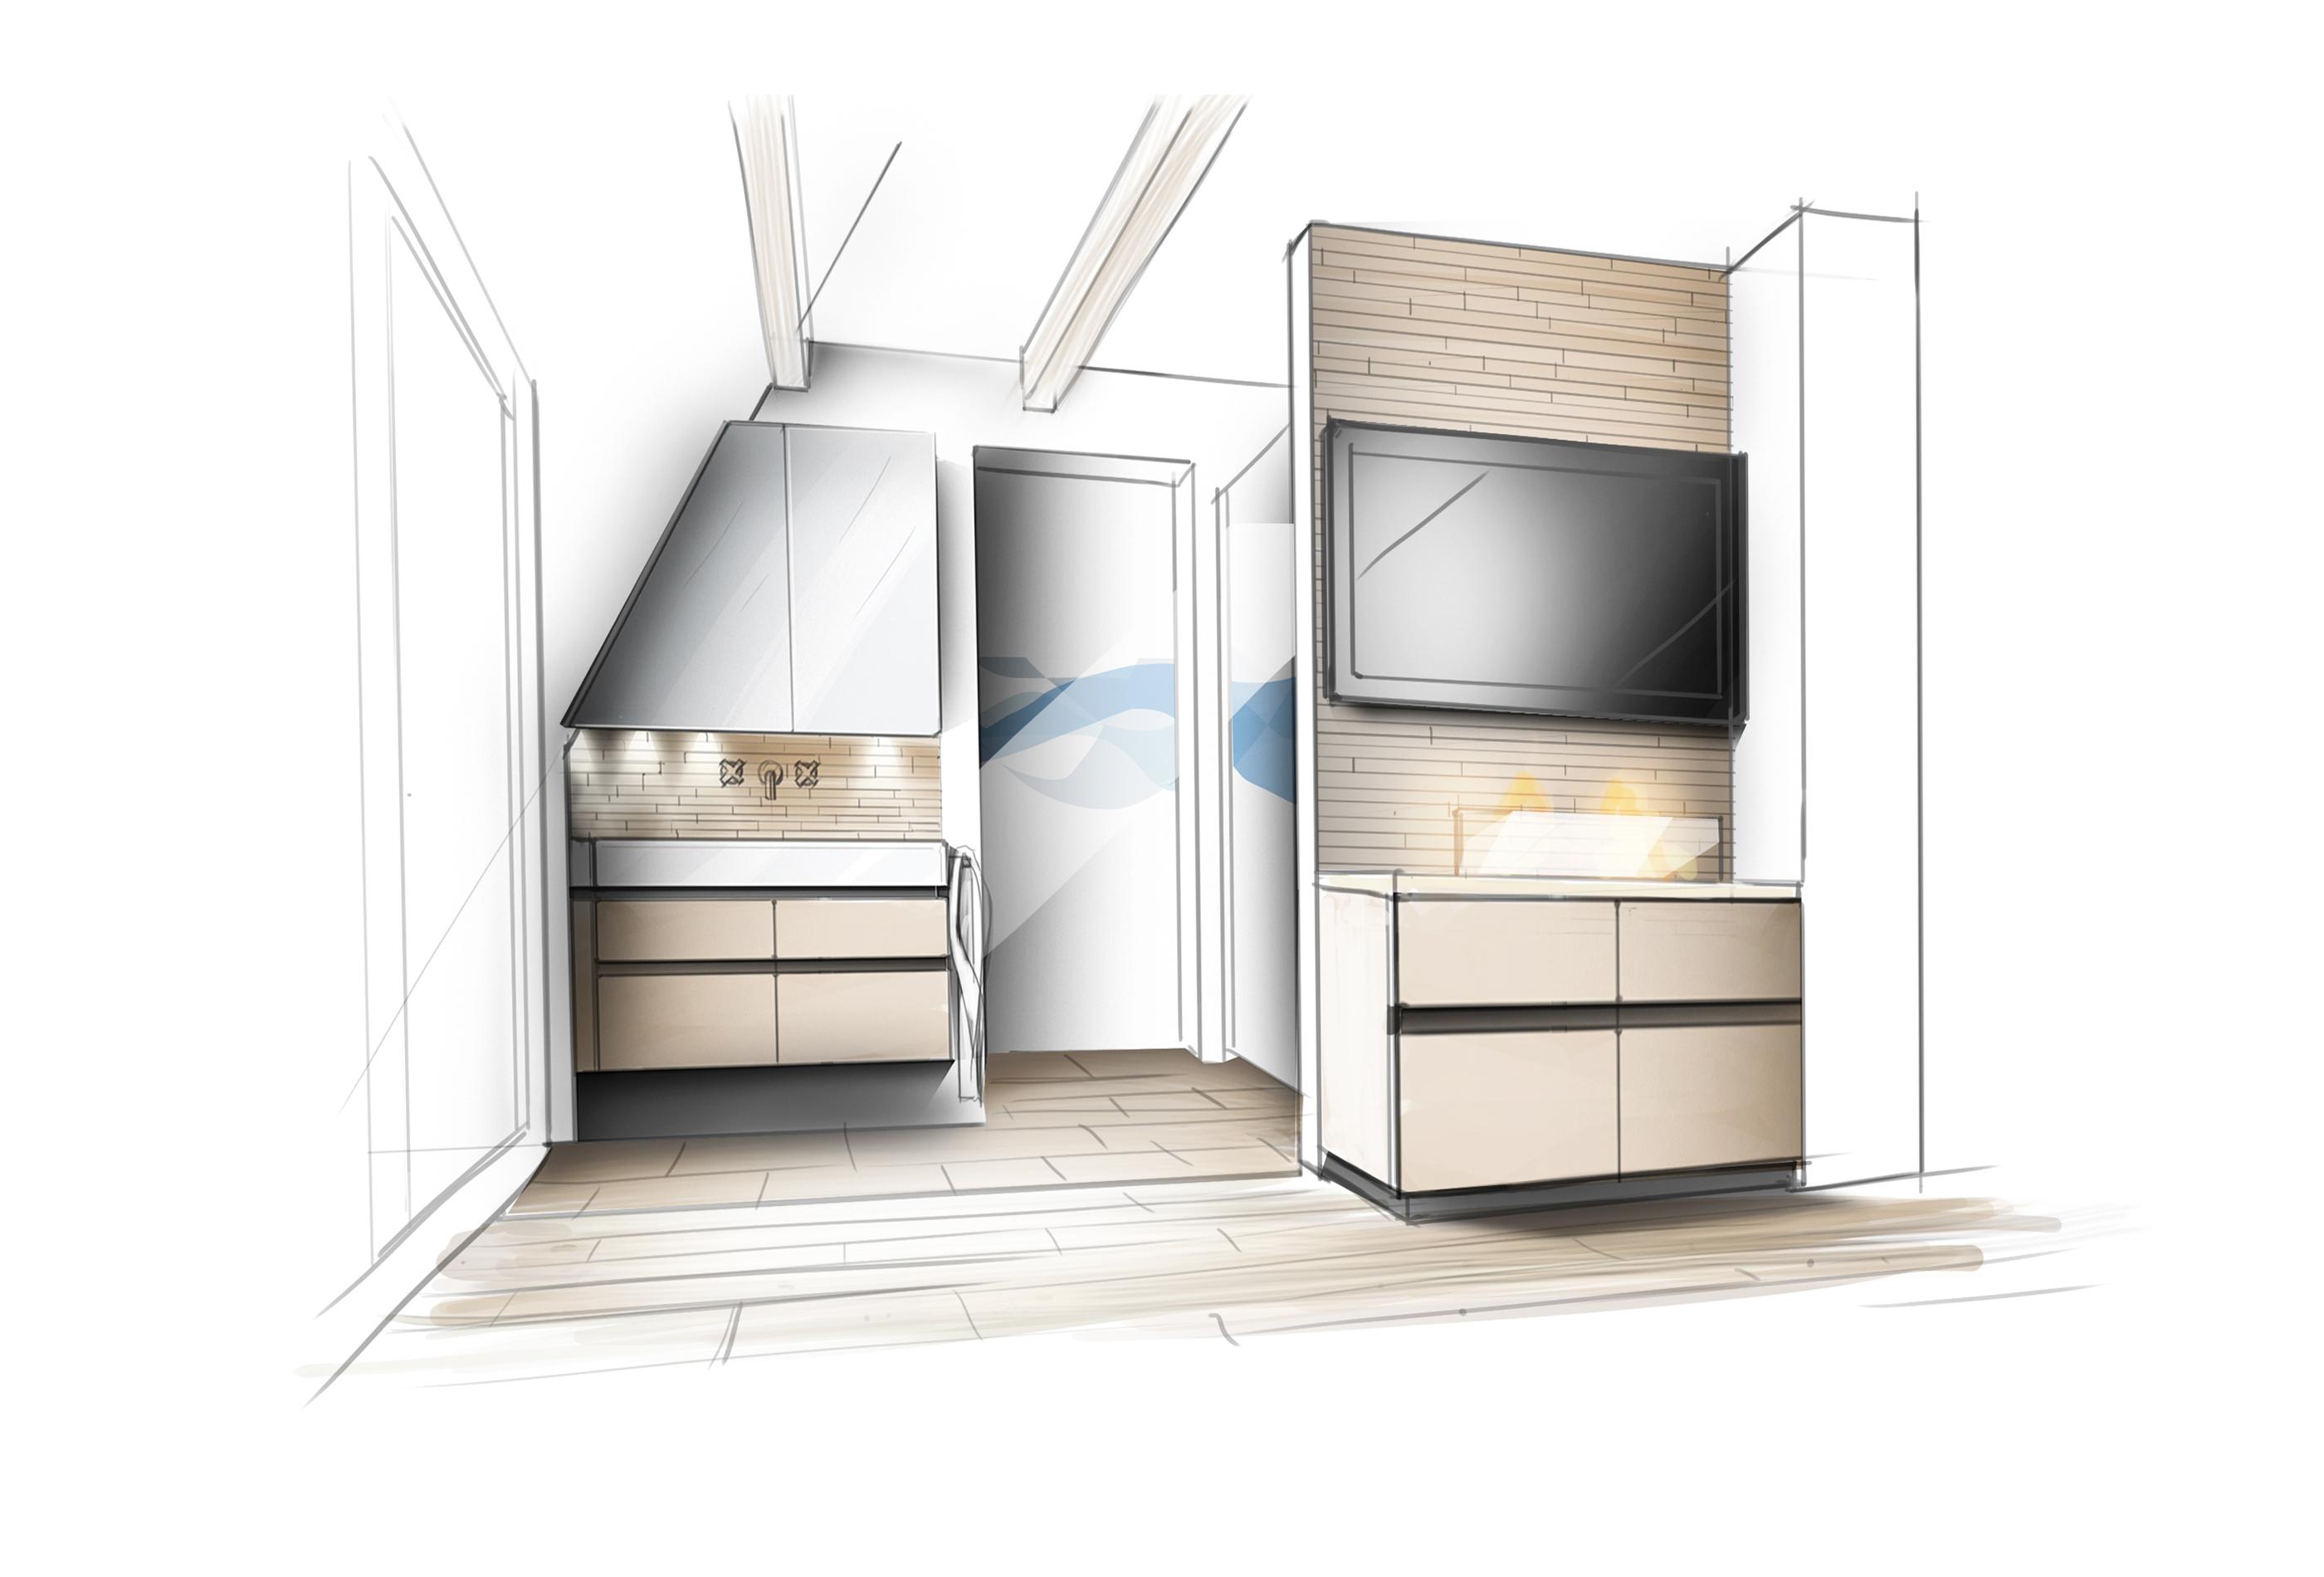 Bad Haus 3DGrundriss zeichnen lassen Grundriss-Manufaktur